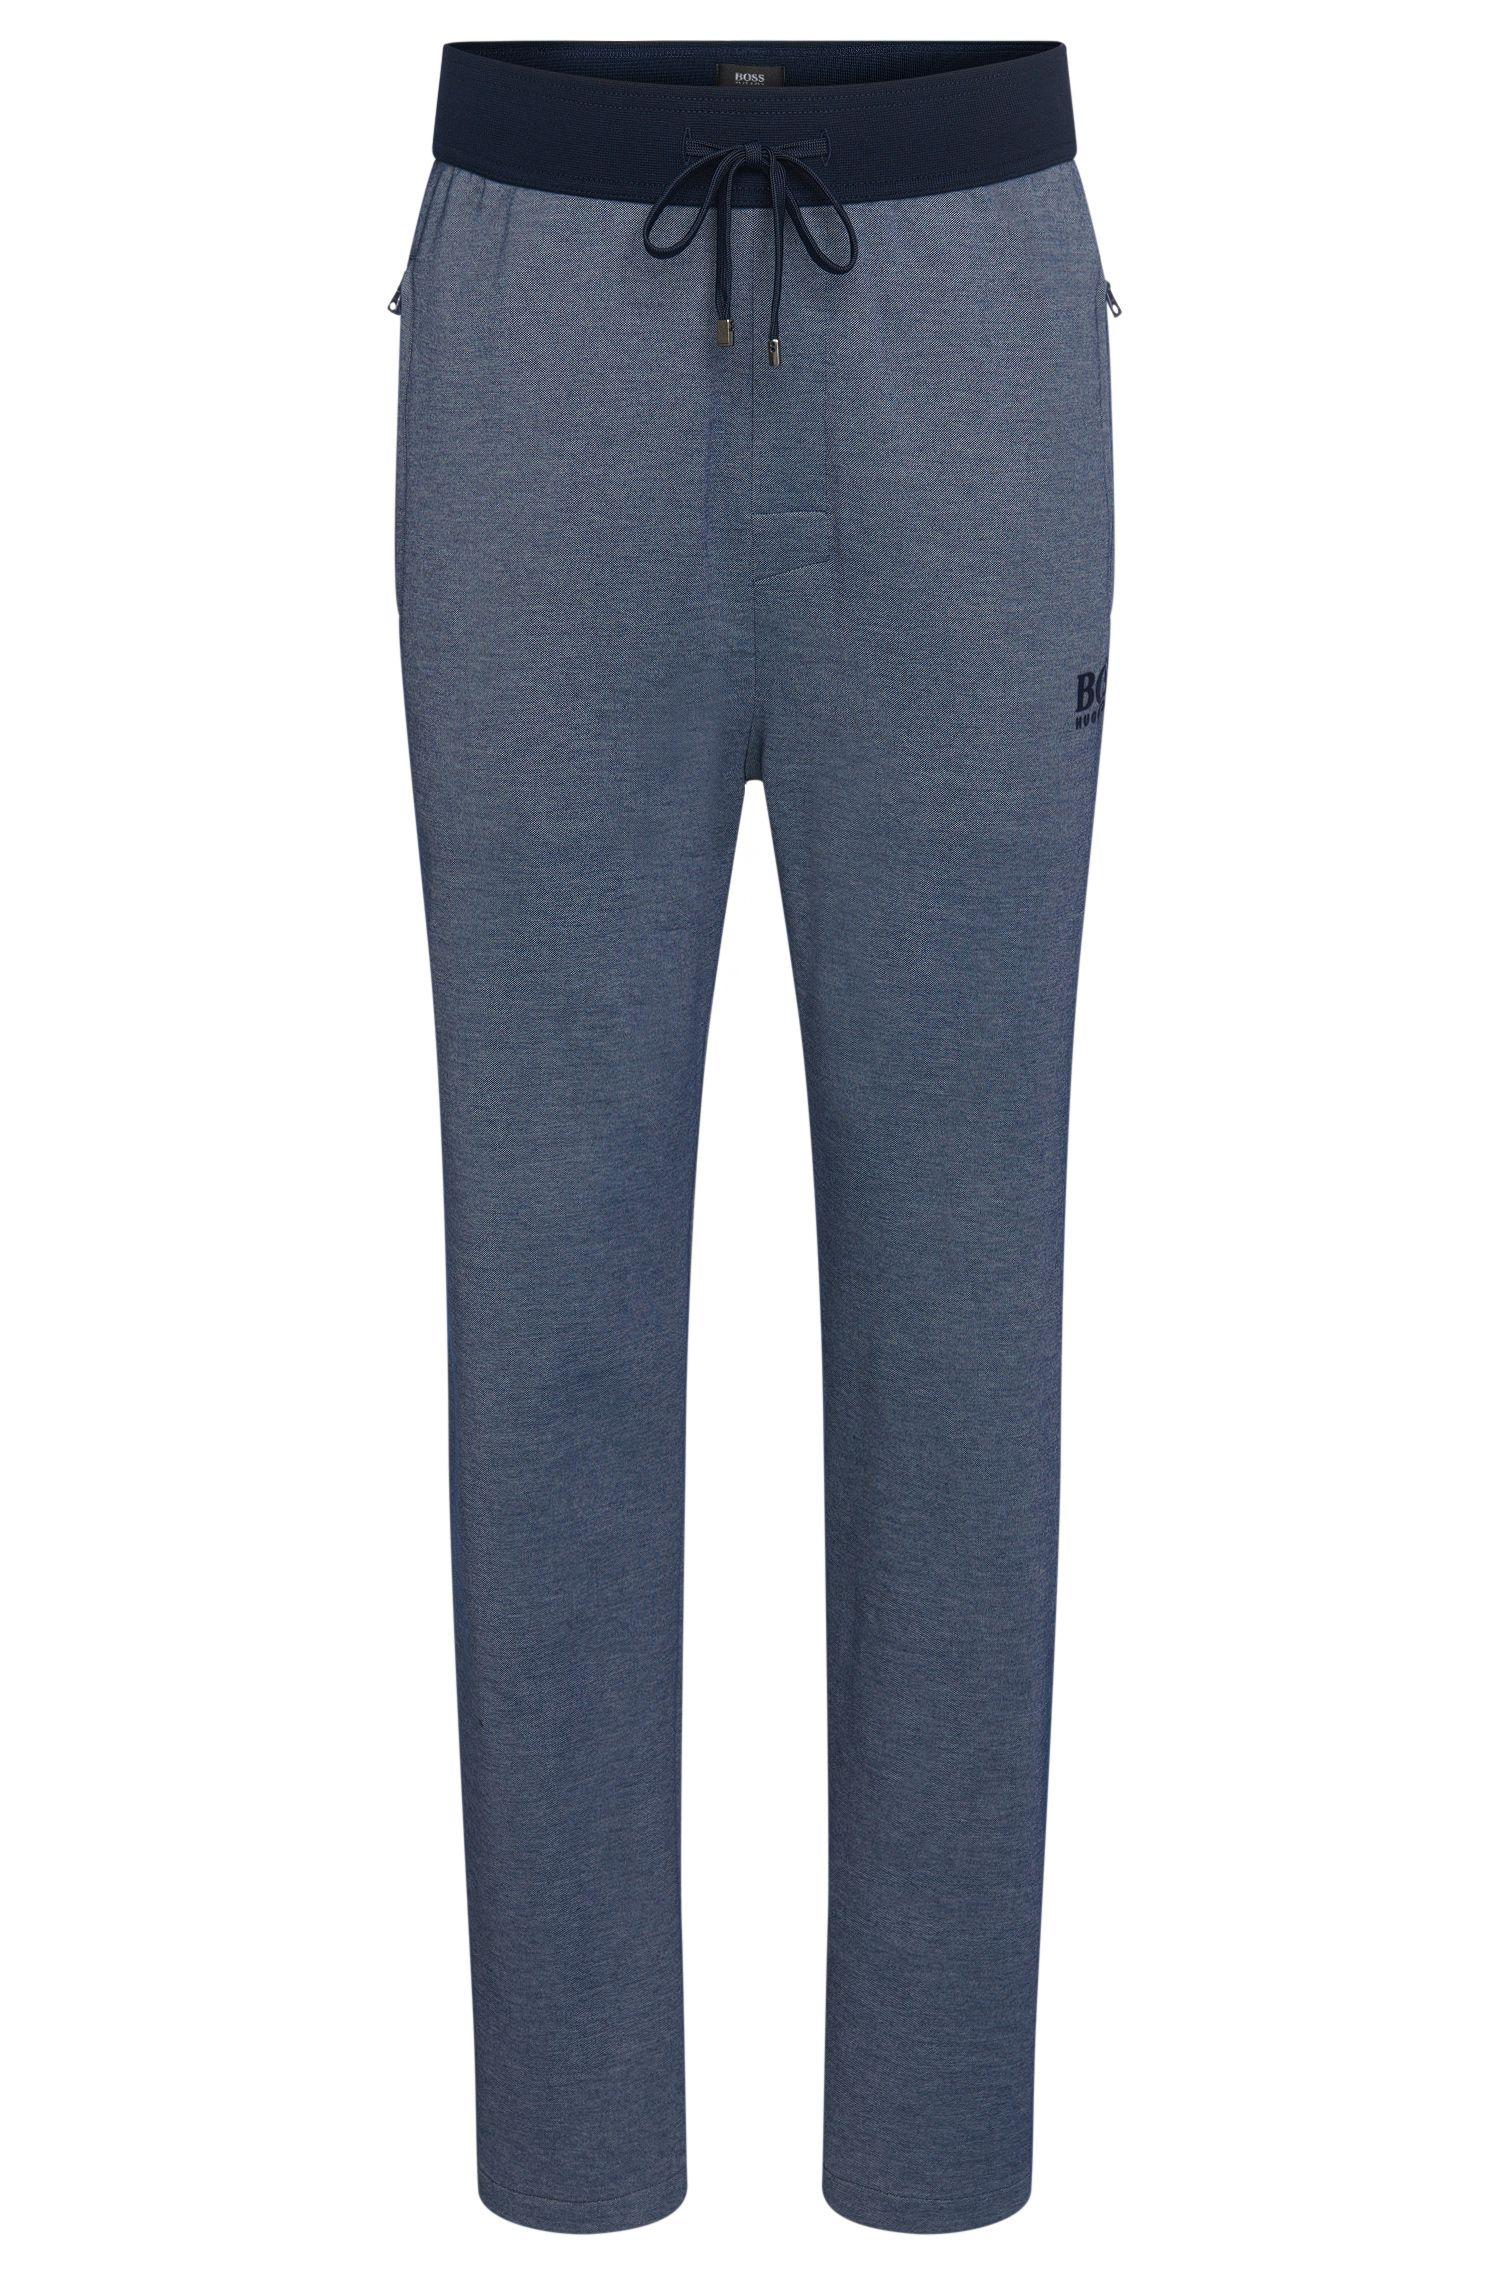 'Long Pant' | Cotton Blend Drawstring Lounge Pants